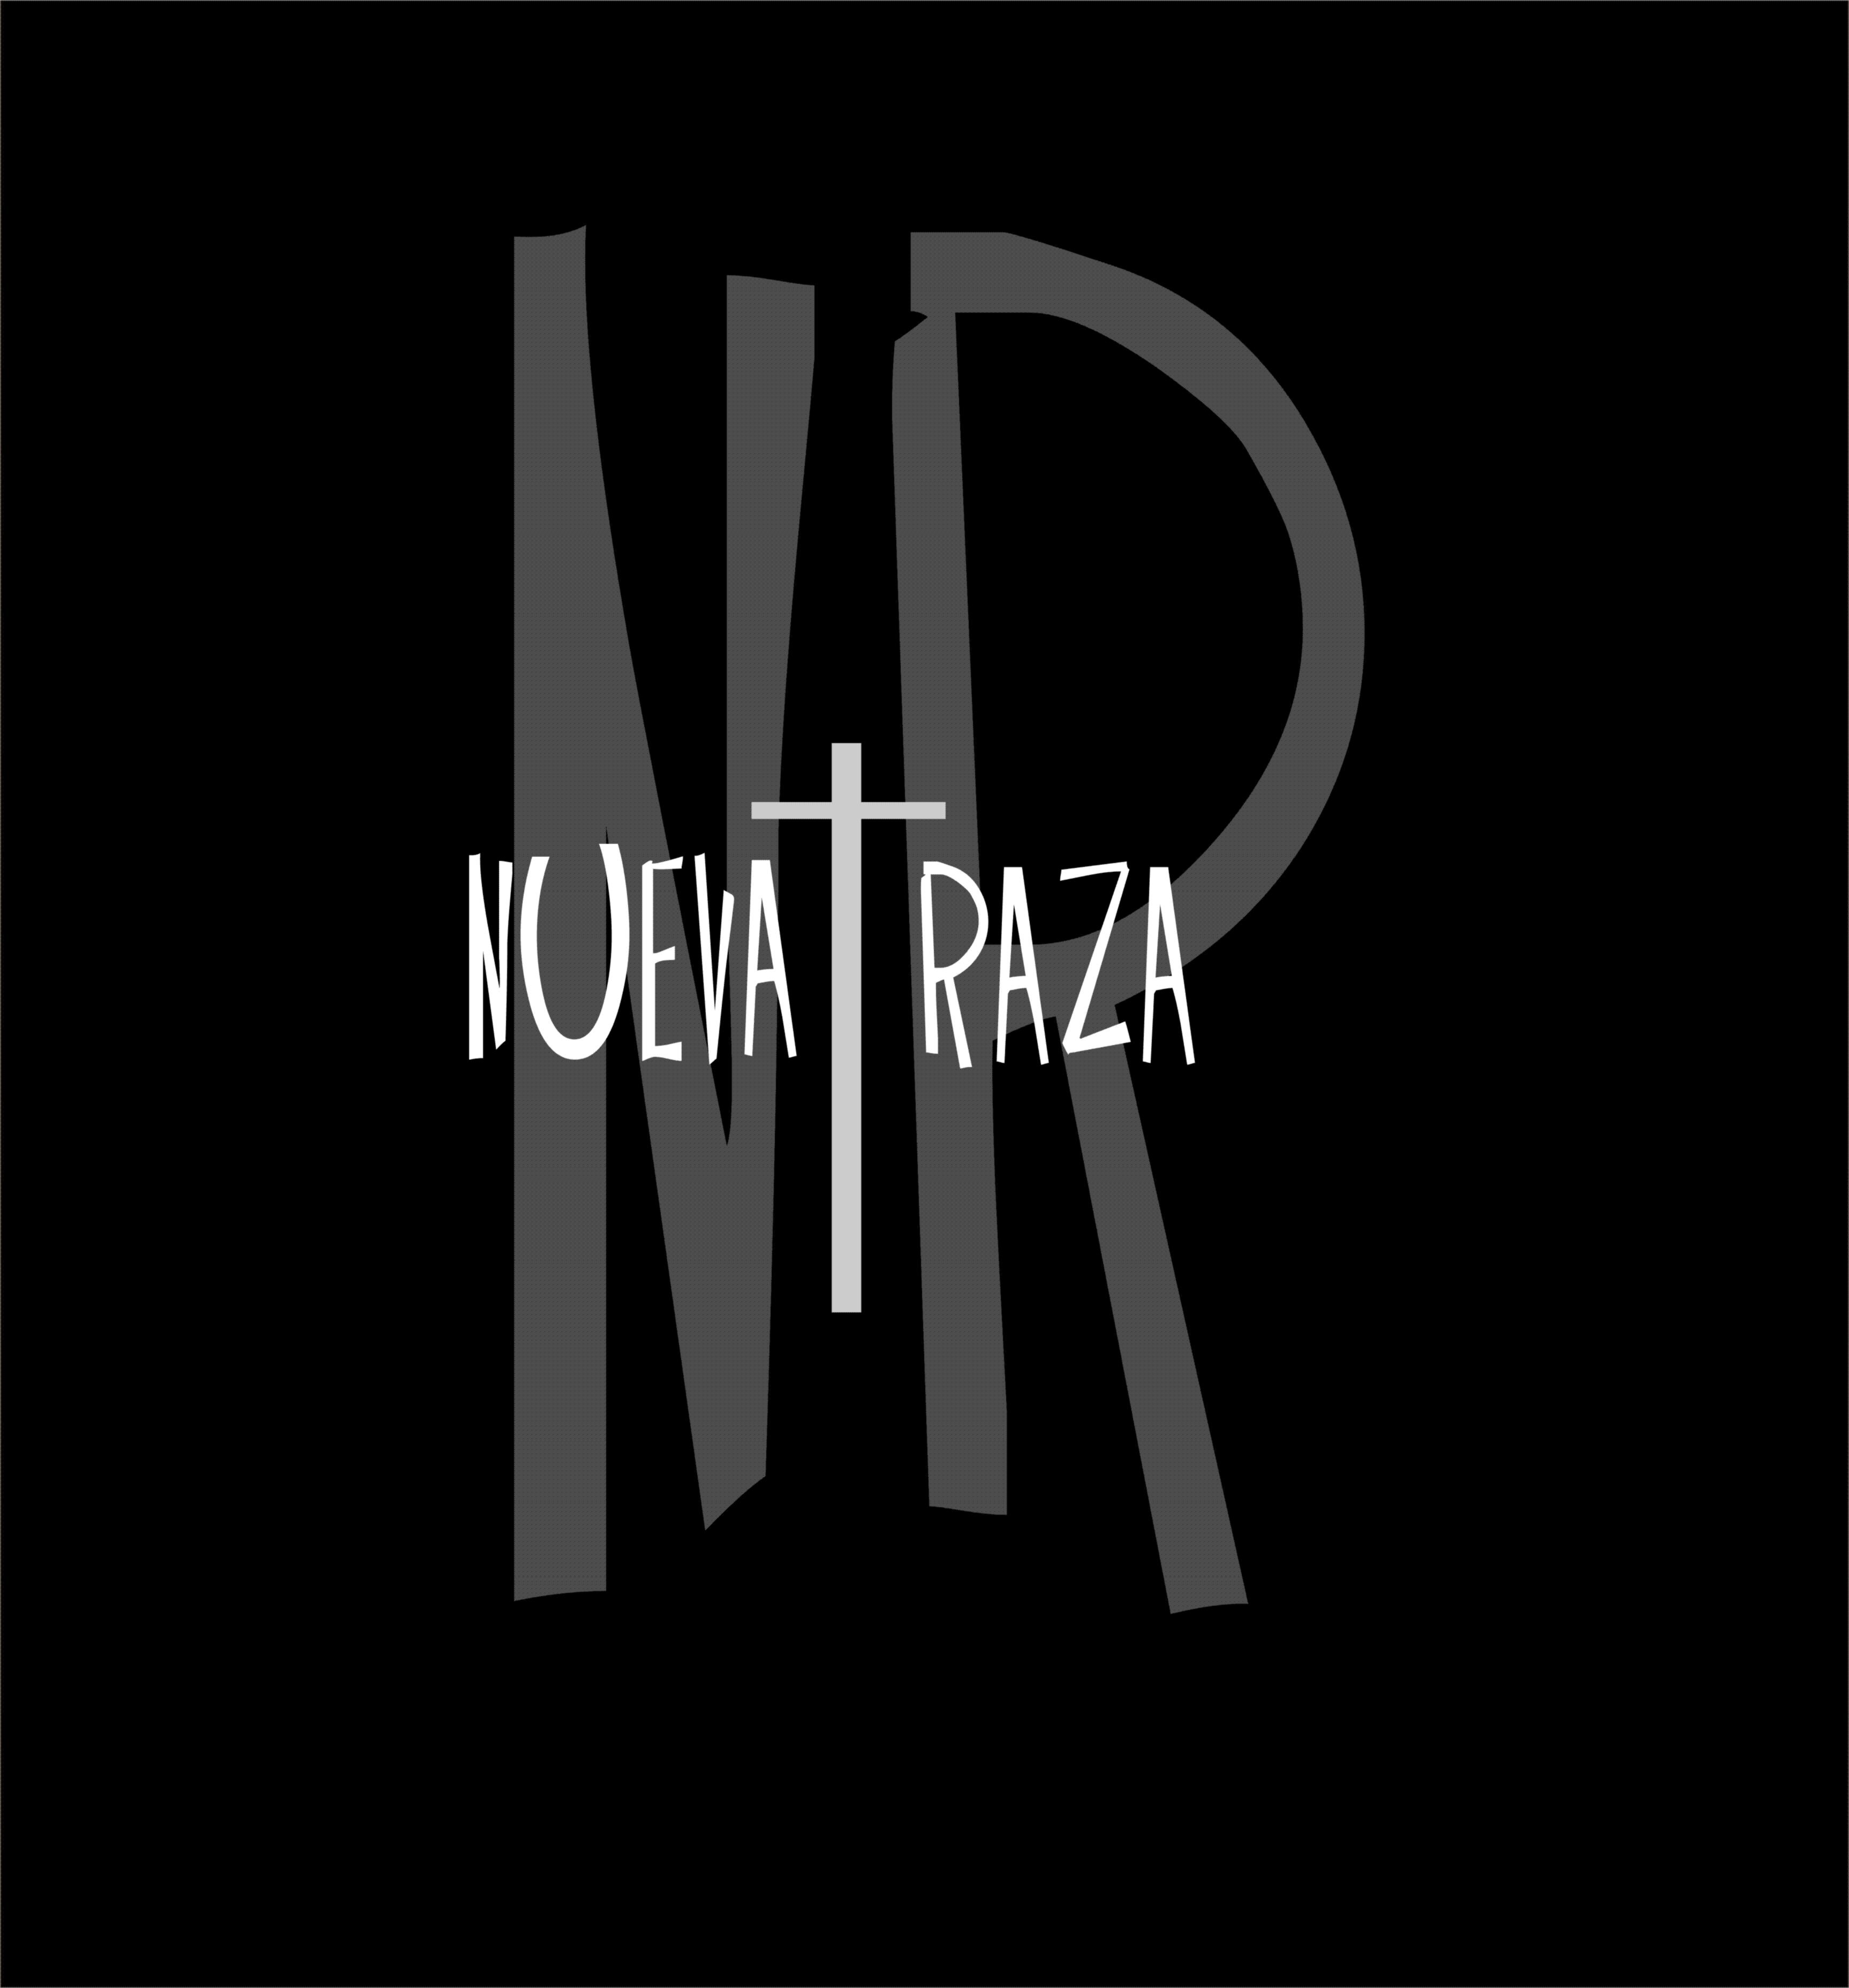 NR5.jpg